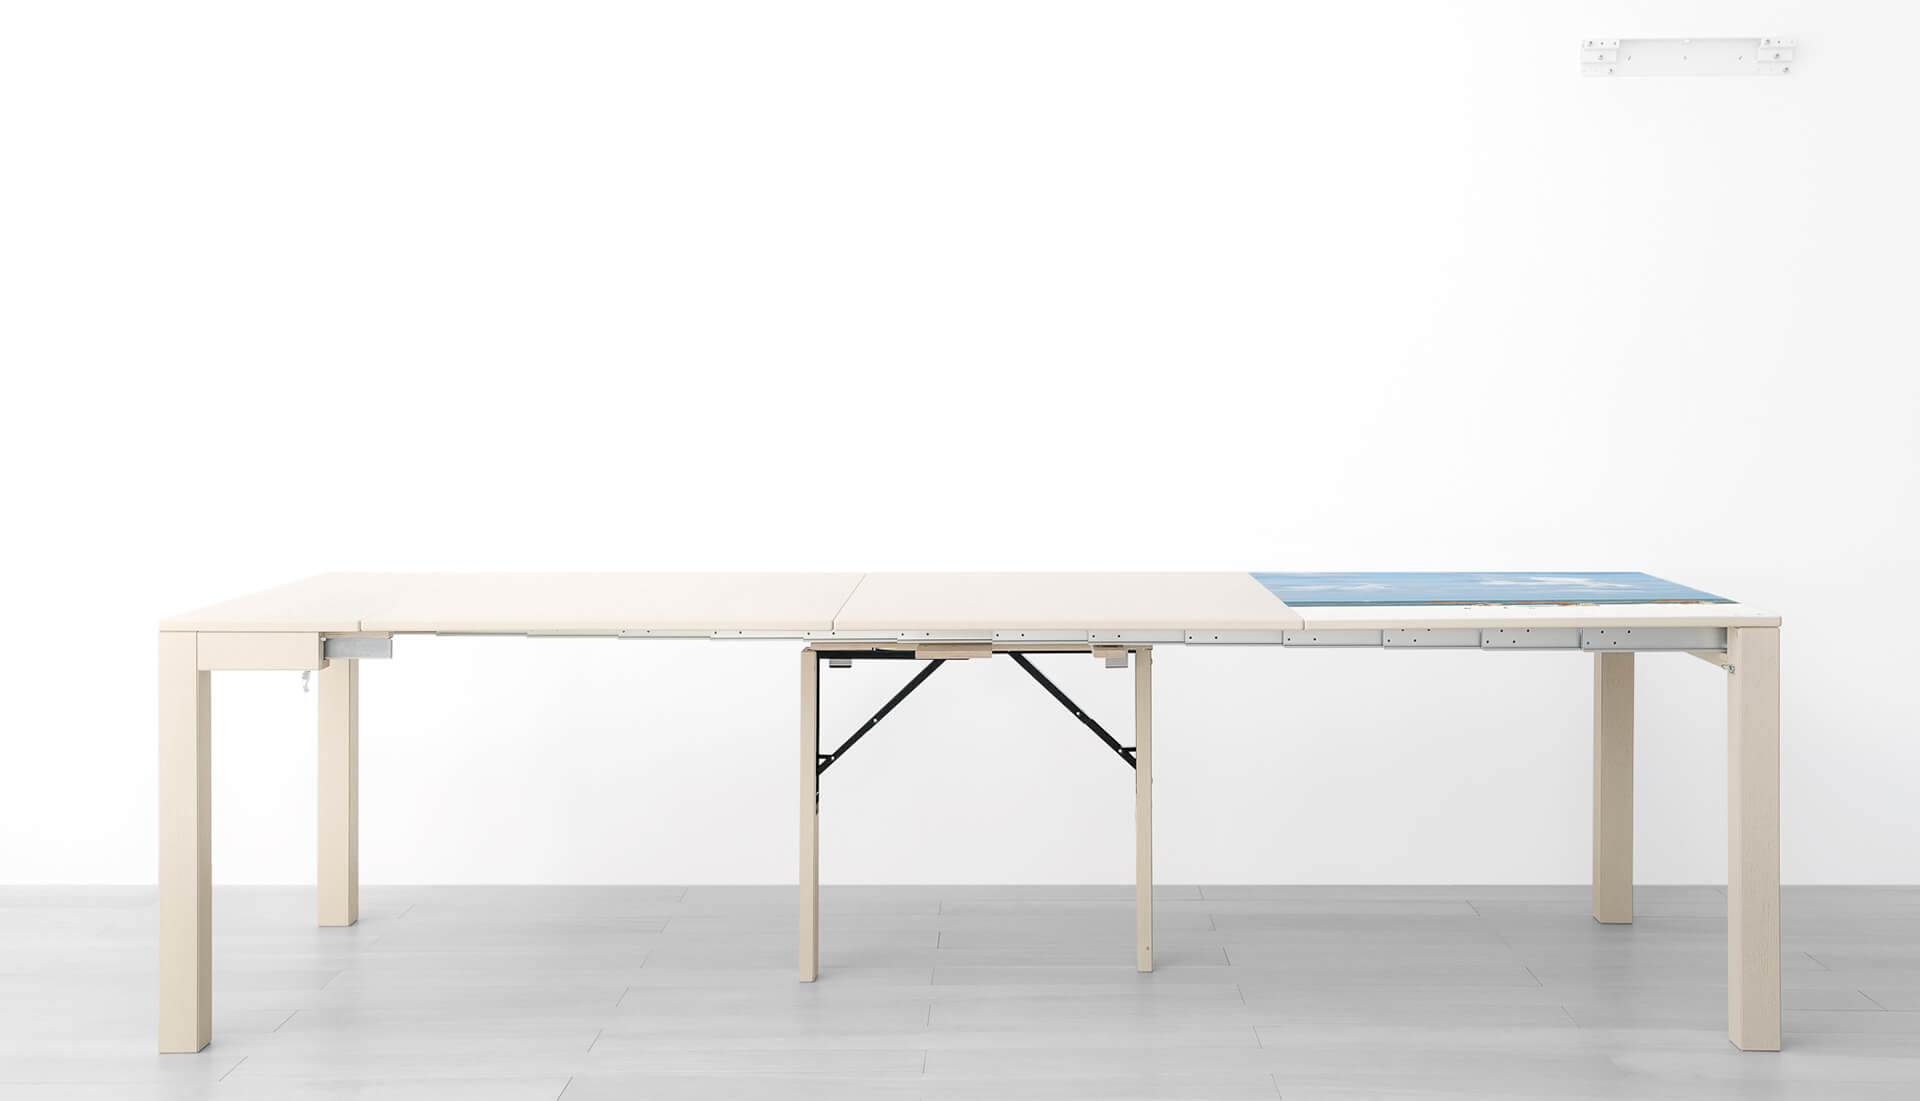 Dimensioni tavolo 6 persone excellent orfeo misure tavolo - Tavolo ikea vangsta ...